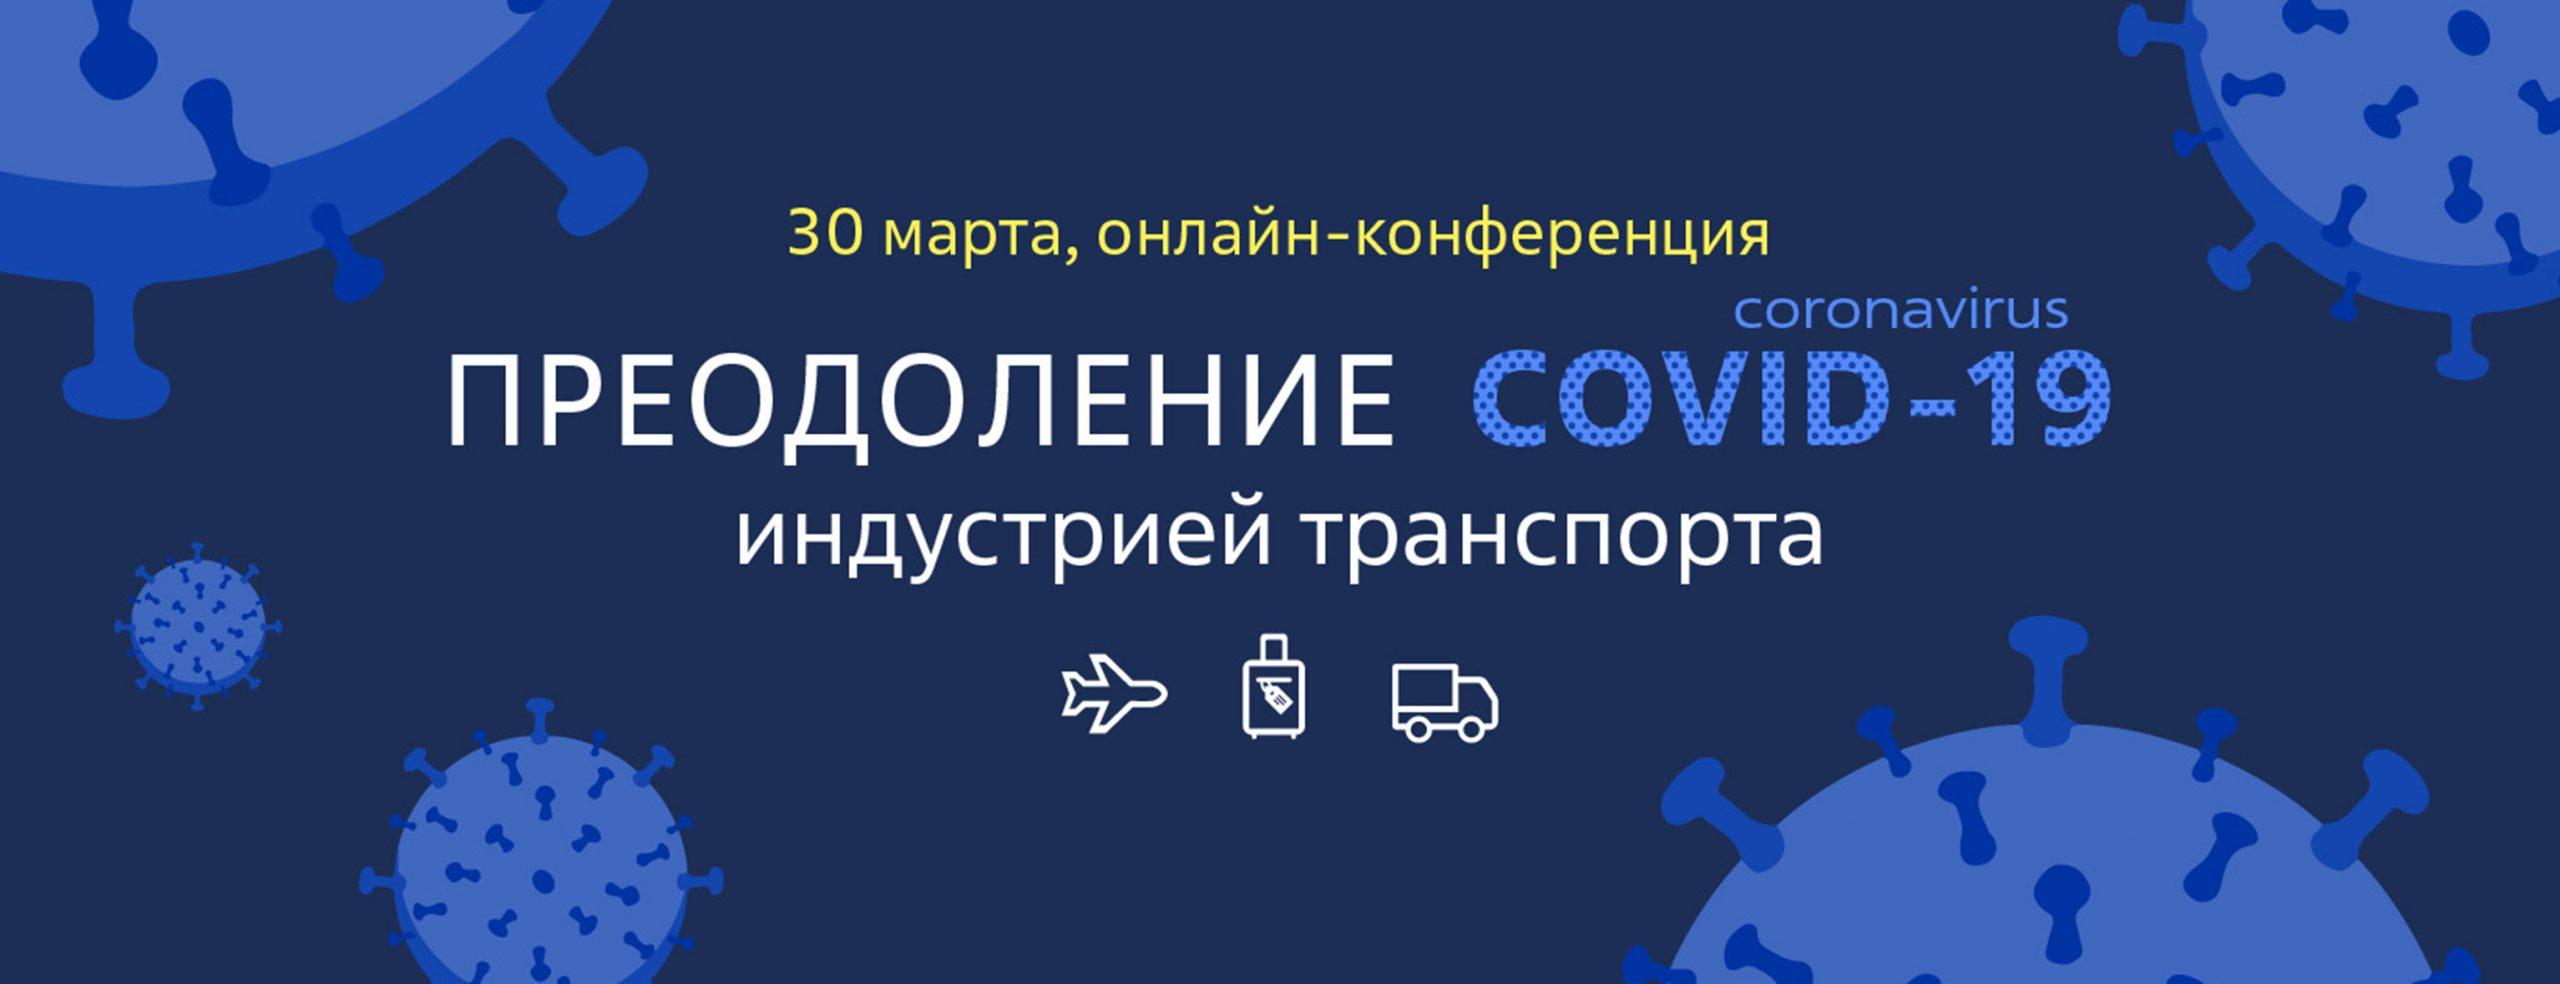 """ТТ Клуб – партнёр онлайн-конференции """"Преодоление COVID-19 индустрией транспорта"""""""